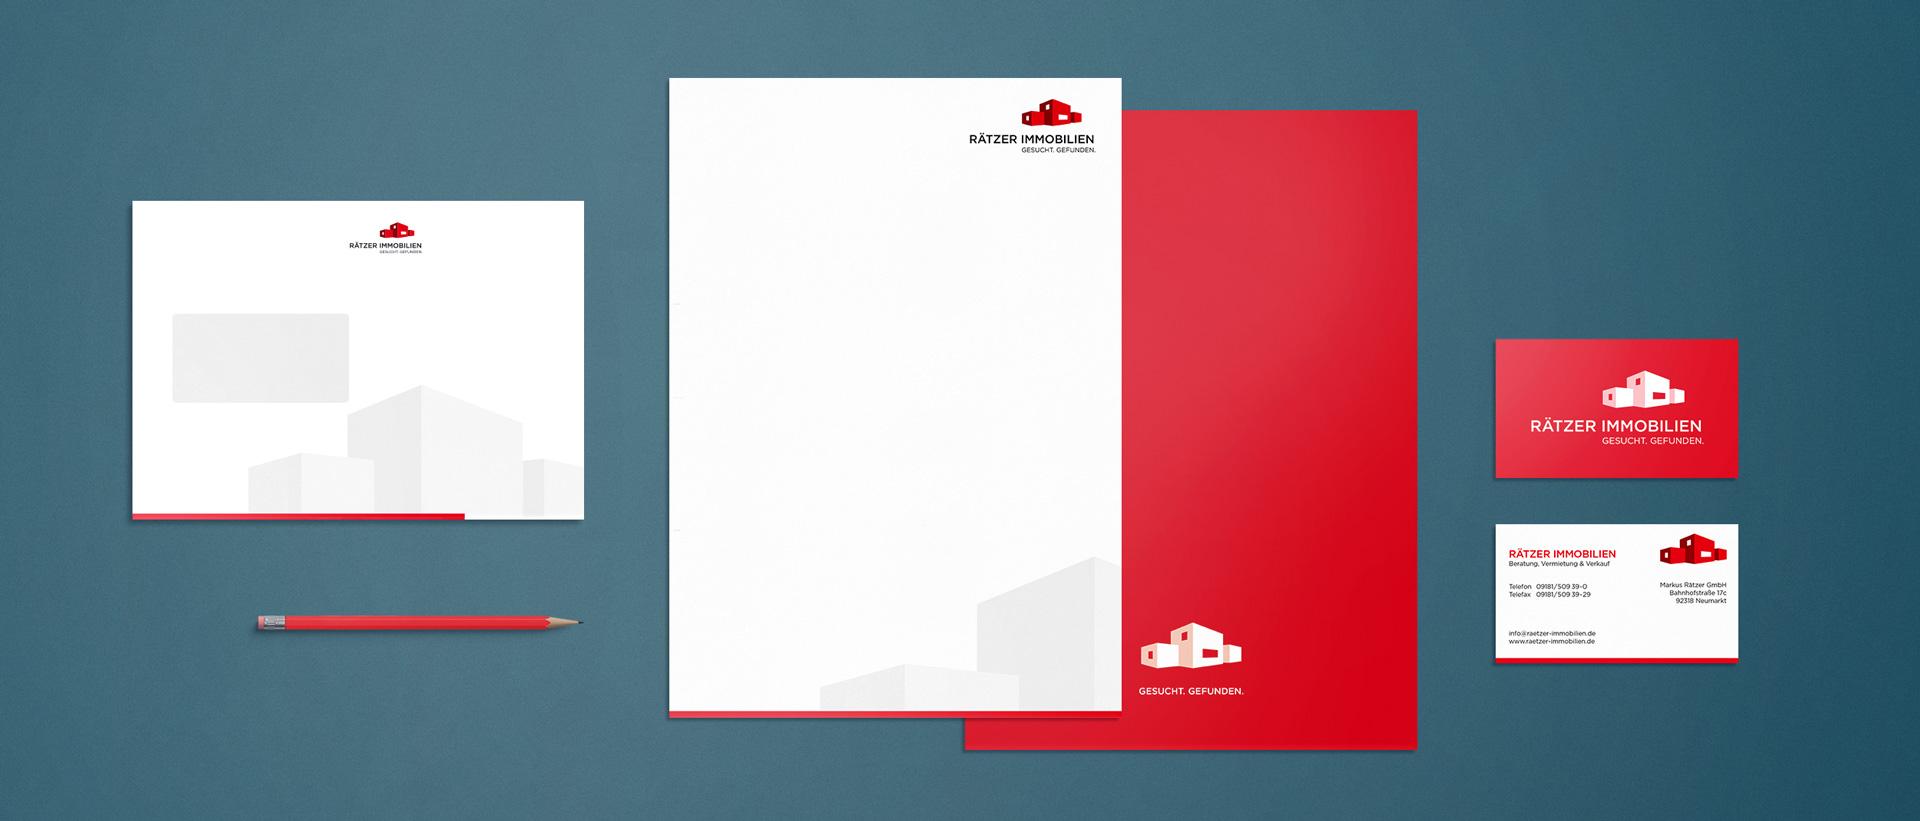 Für Rätzer Immobilien konzipiert und realisiert REINGOLD den kompletten Werbeauftritt.